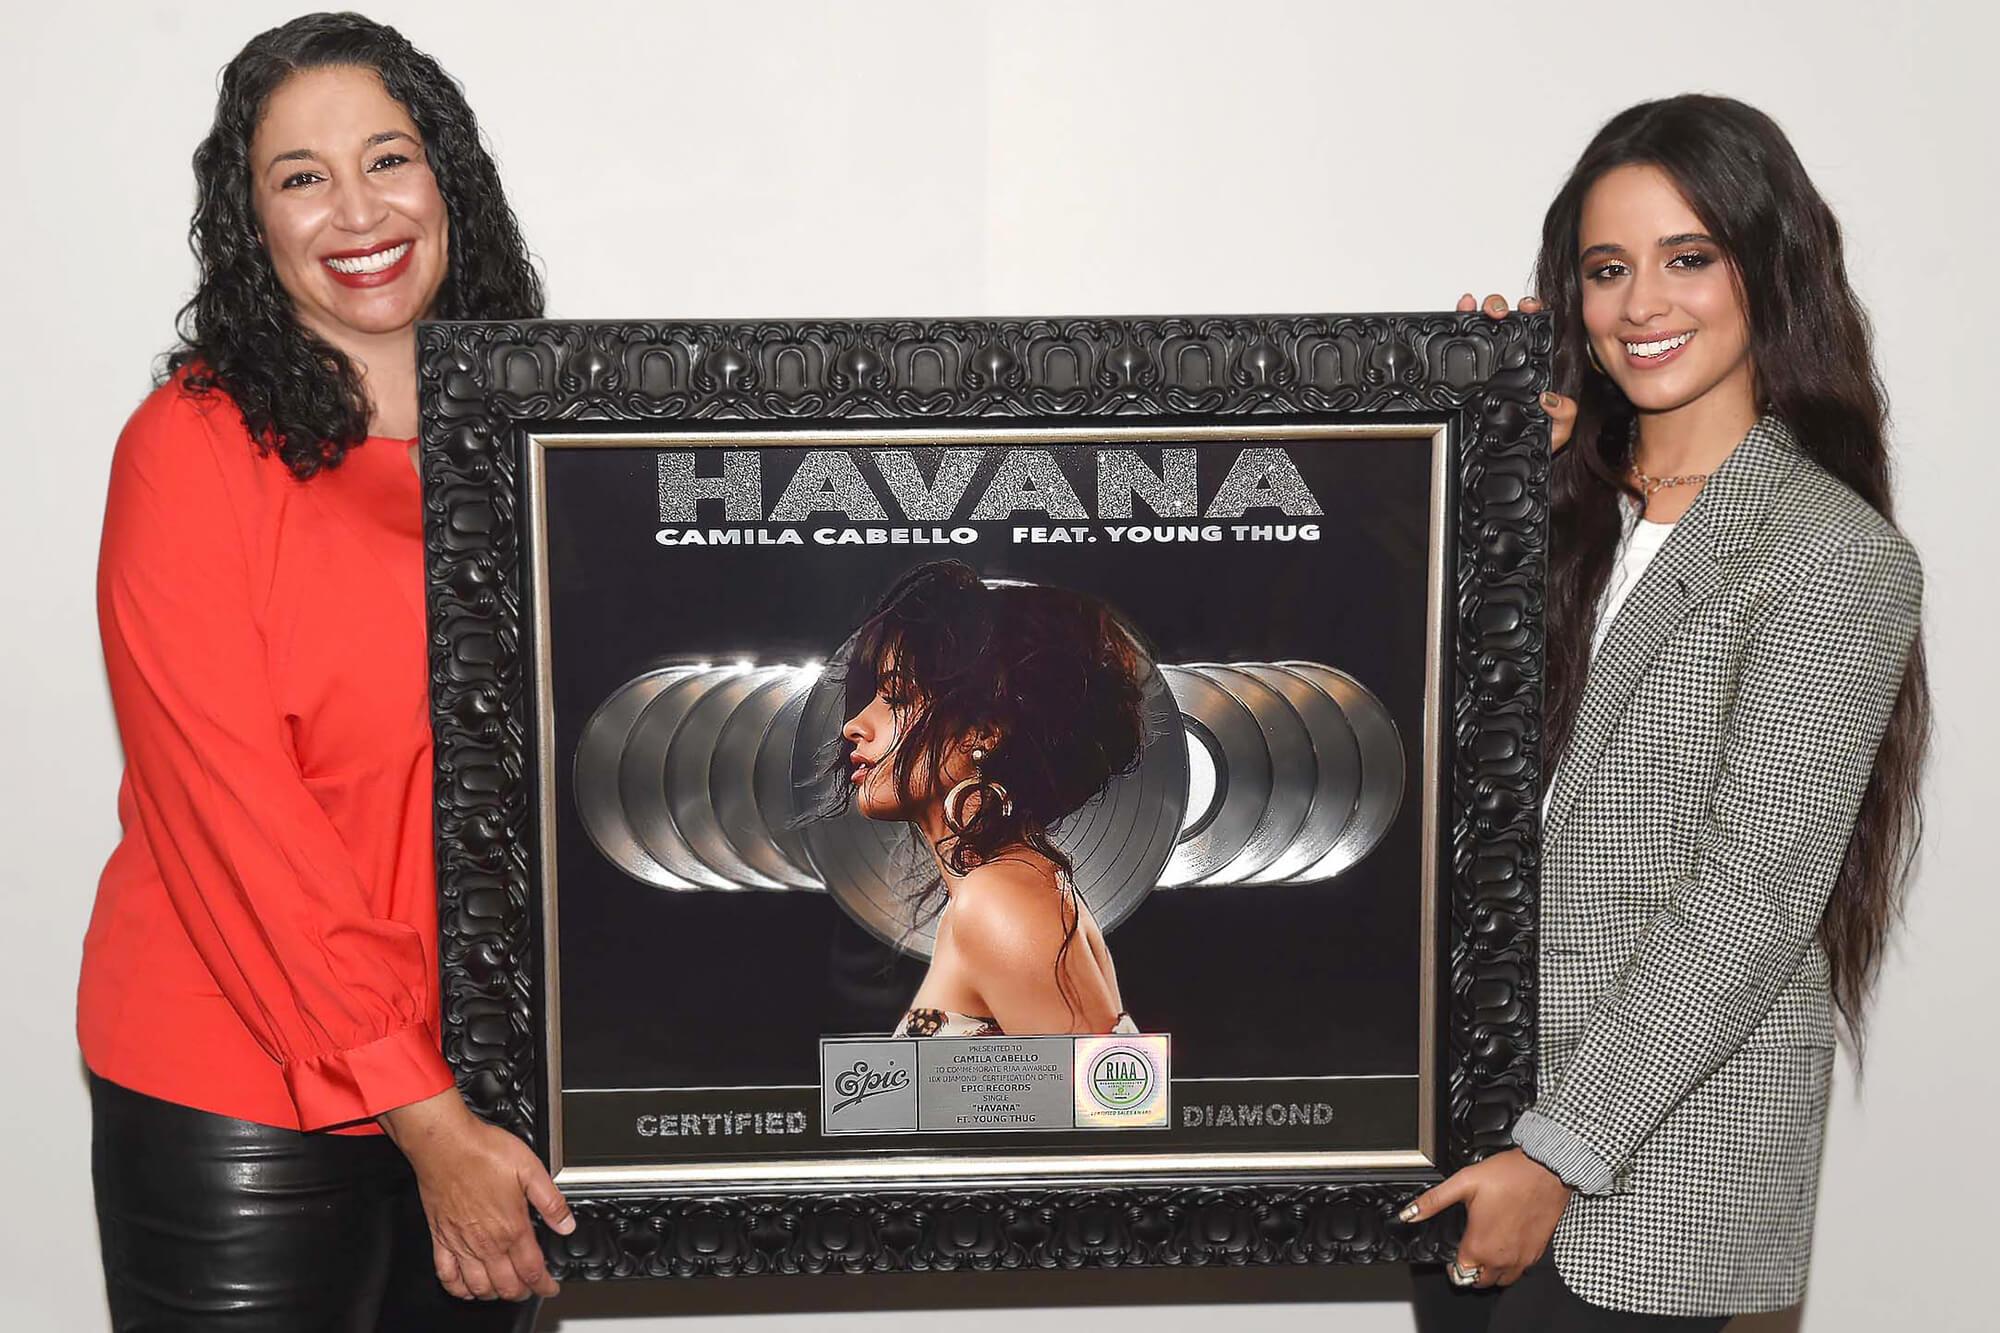 【洋楽】カミラ・カベロも認定!RIAAでダイヤモンド認定されたヒットシングル全62曲まとめ